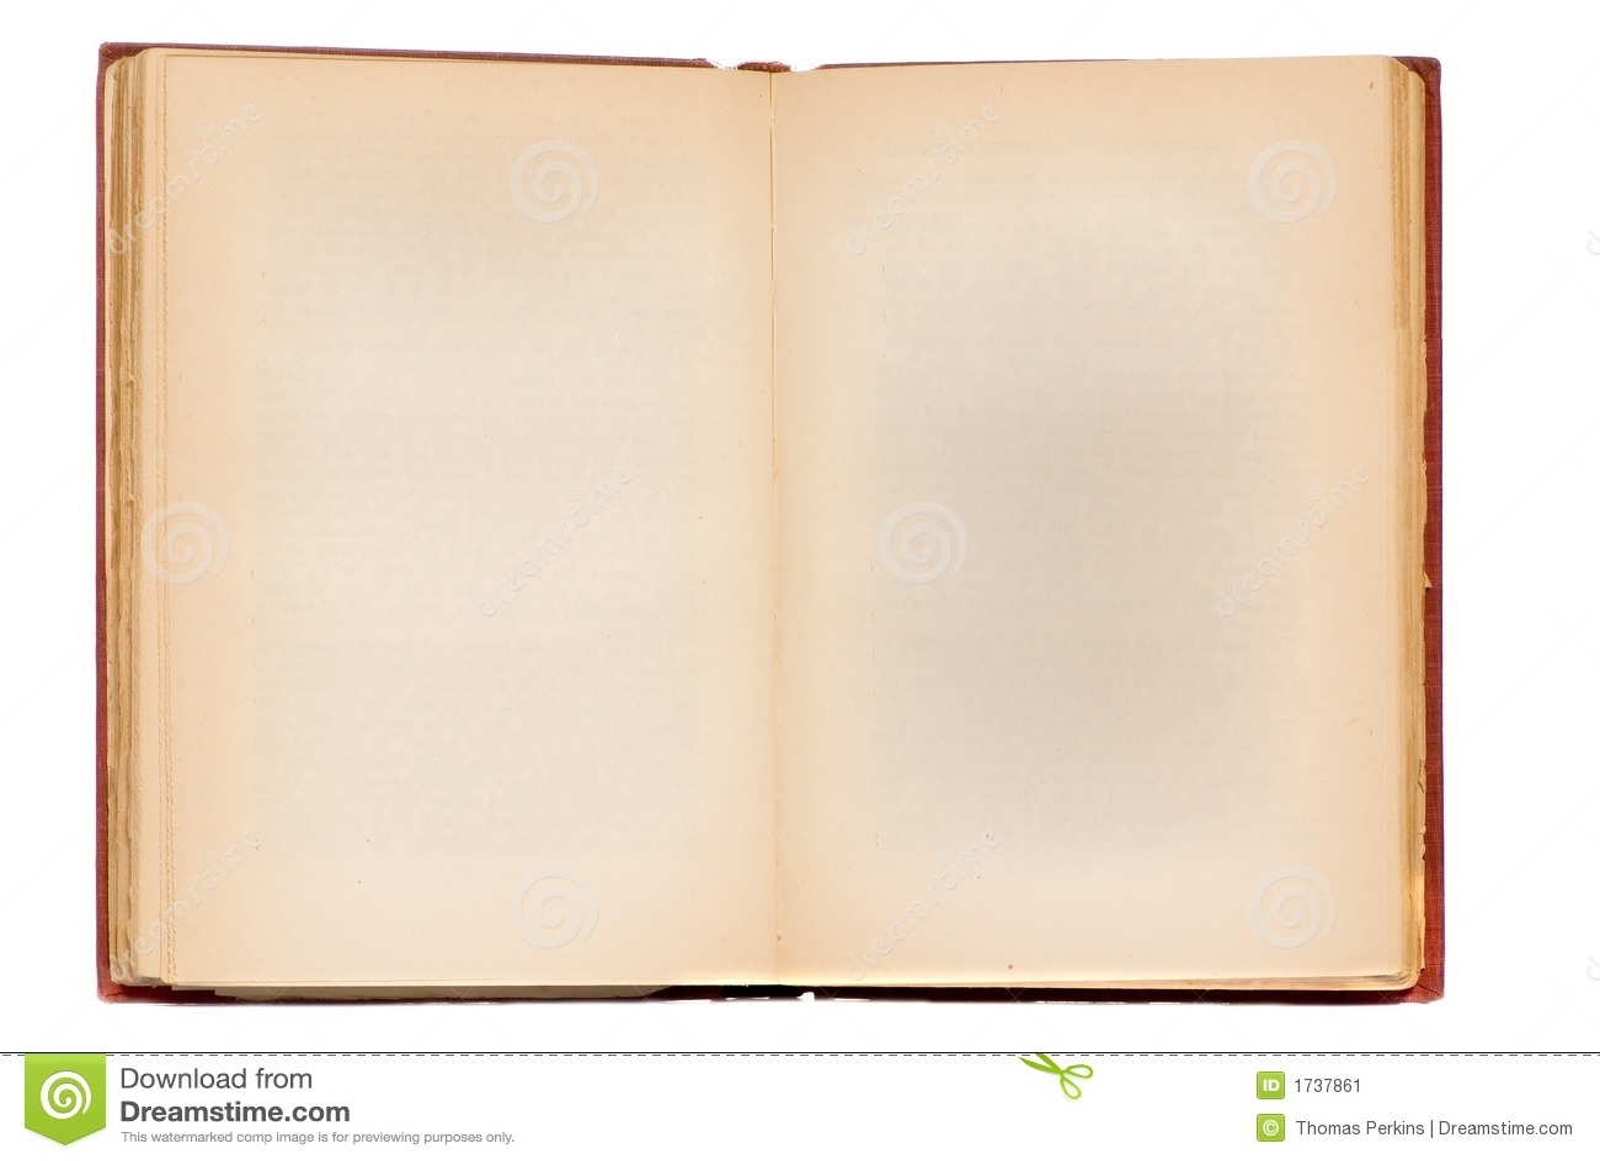 Espacio en blanco del libro viejo imagen de archivo - Espacio en blanco ...